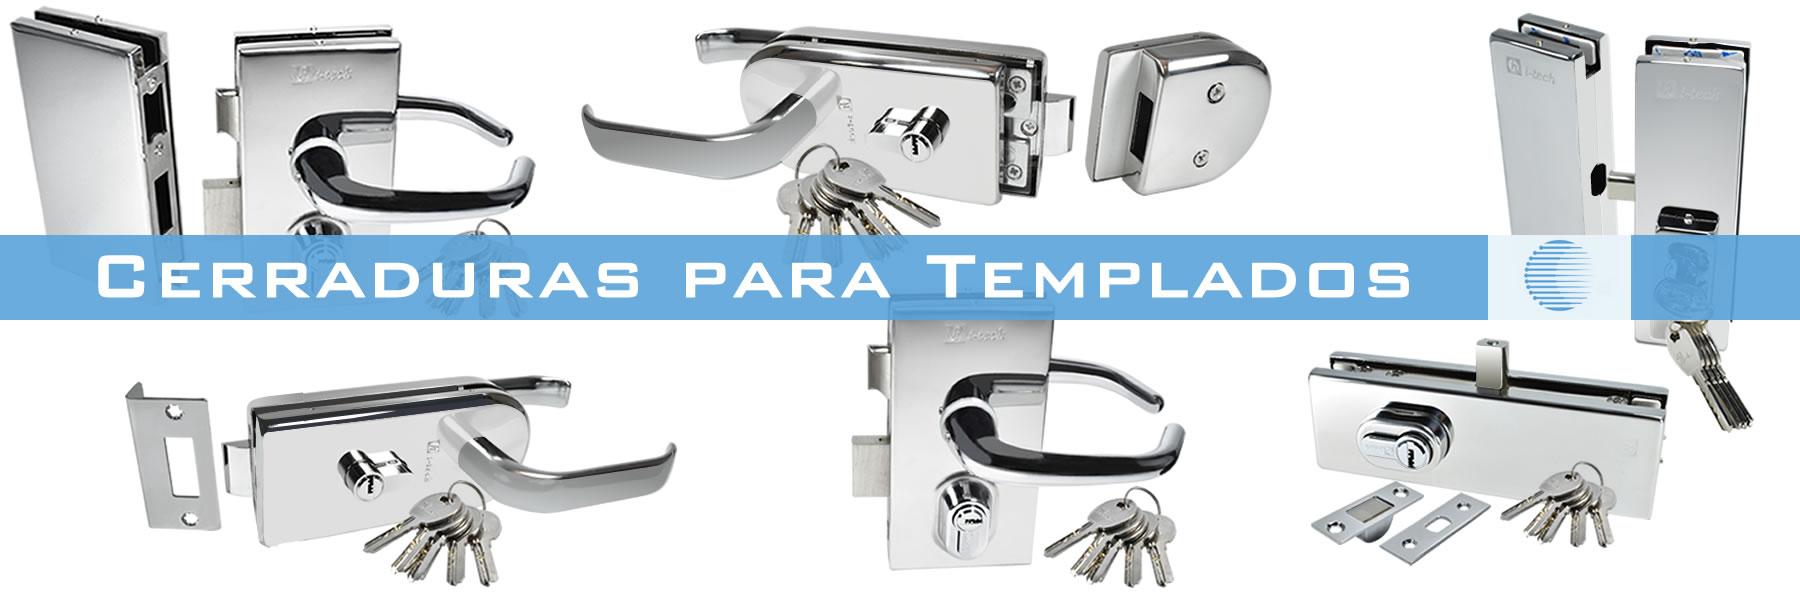 Slide-cerraduras-templados